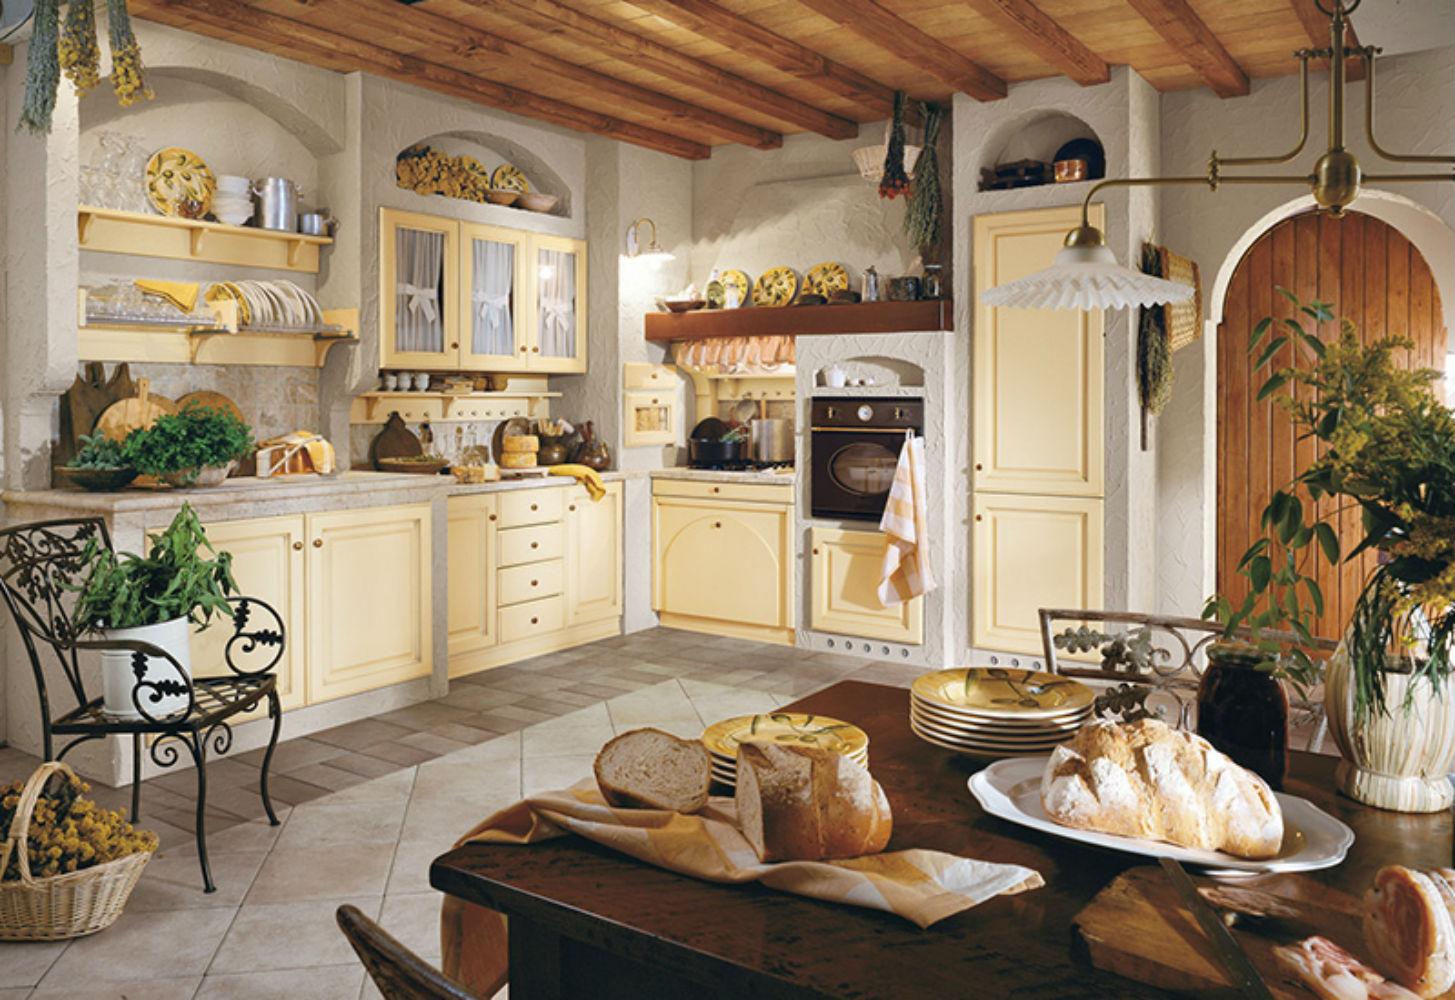 Immagini di cucine country